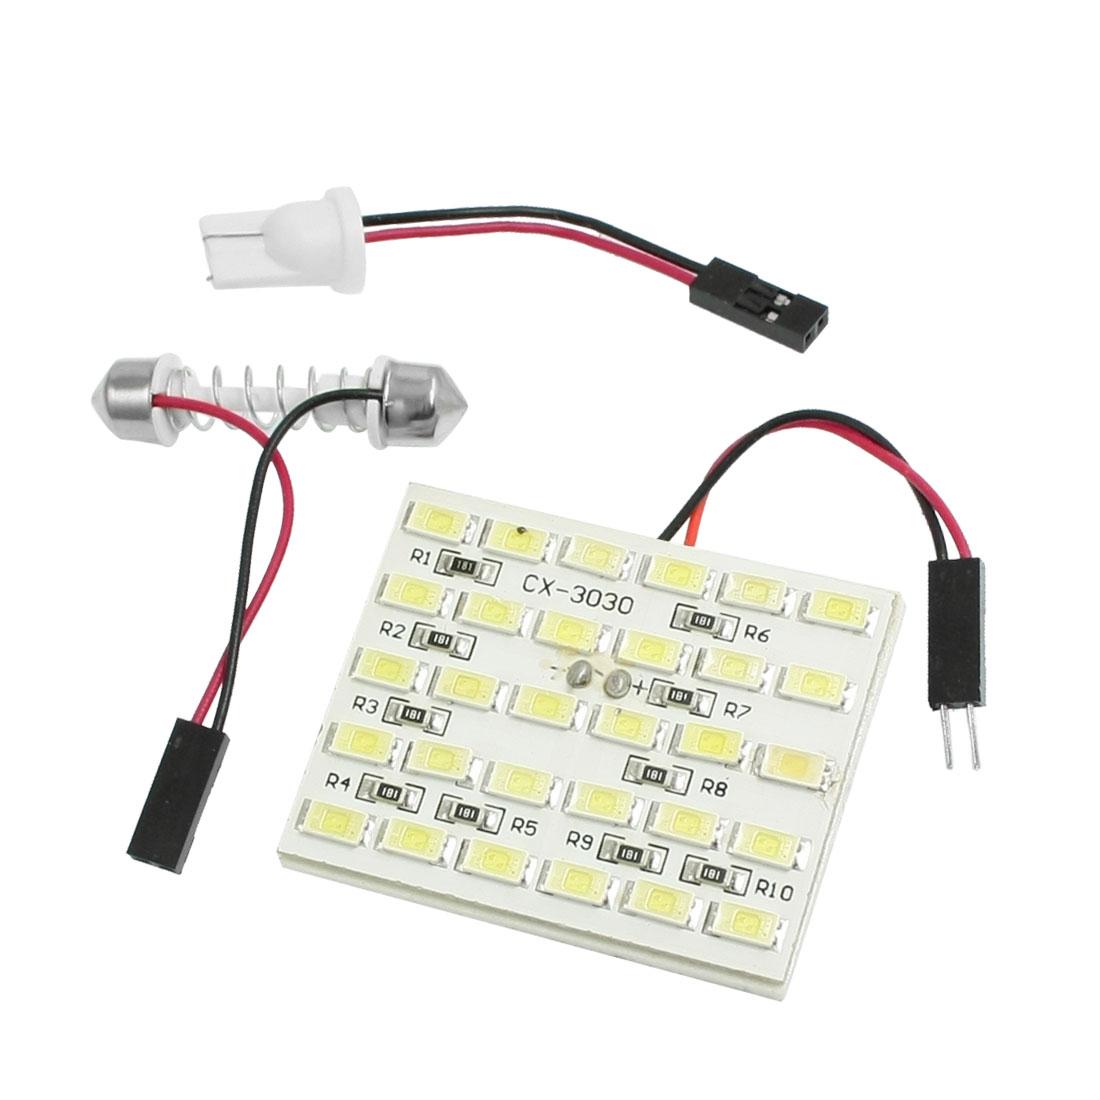 DC 12V White 30 LED Panel 5630 SMD Dome Light Lamp Bulb + T10 Festoon Adapter